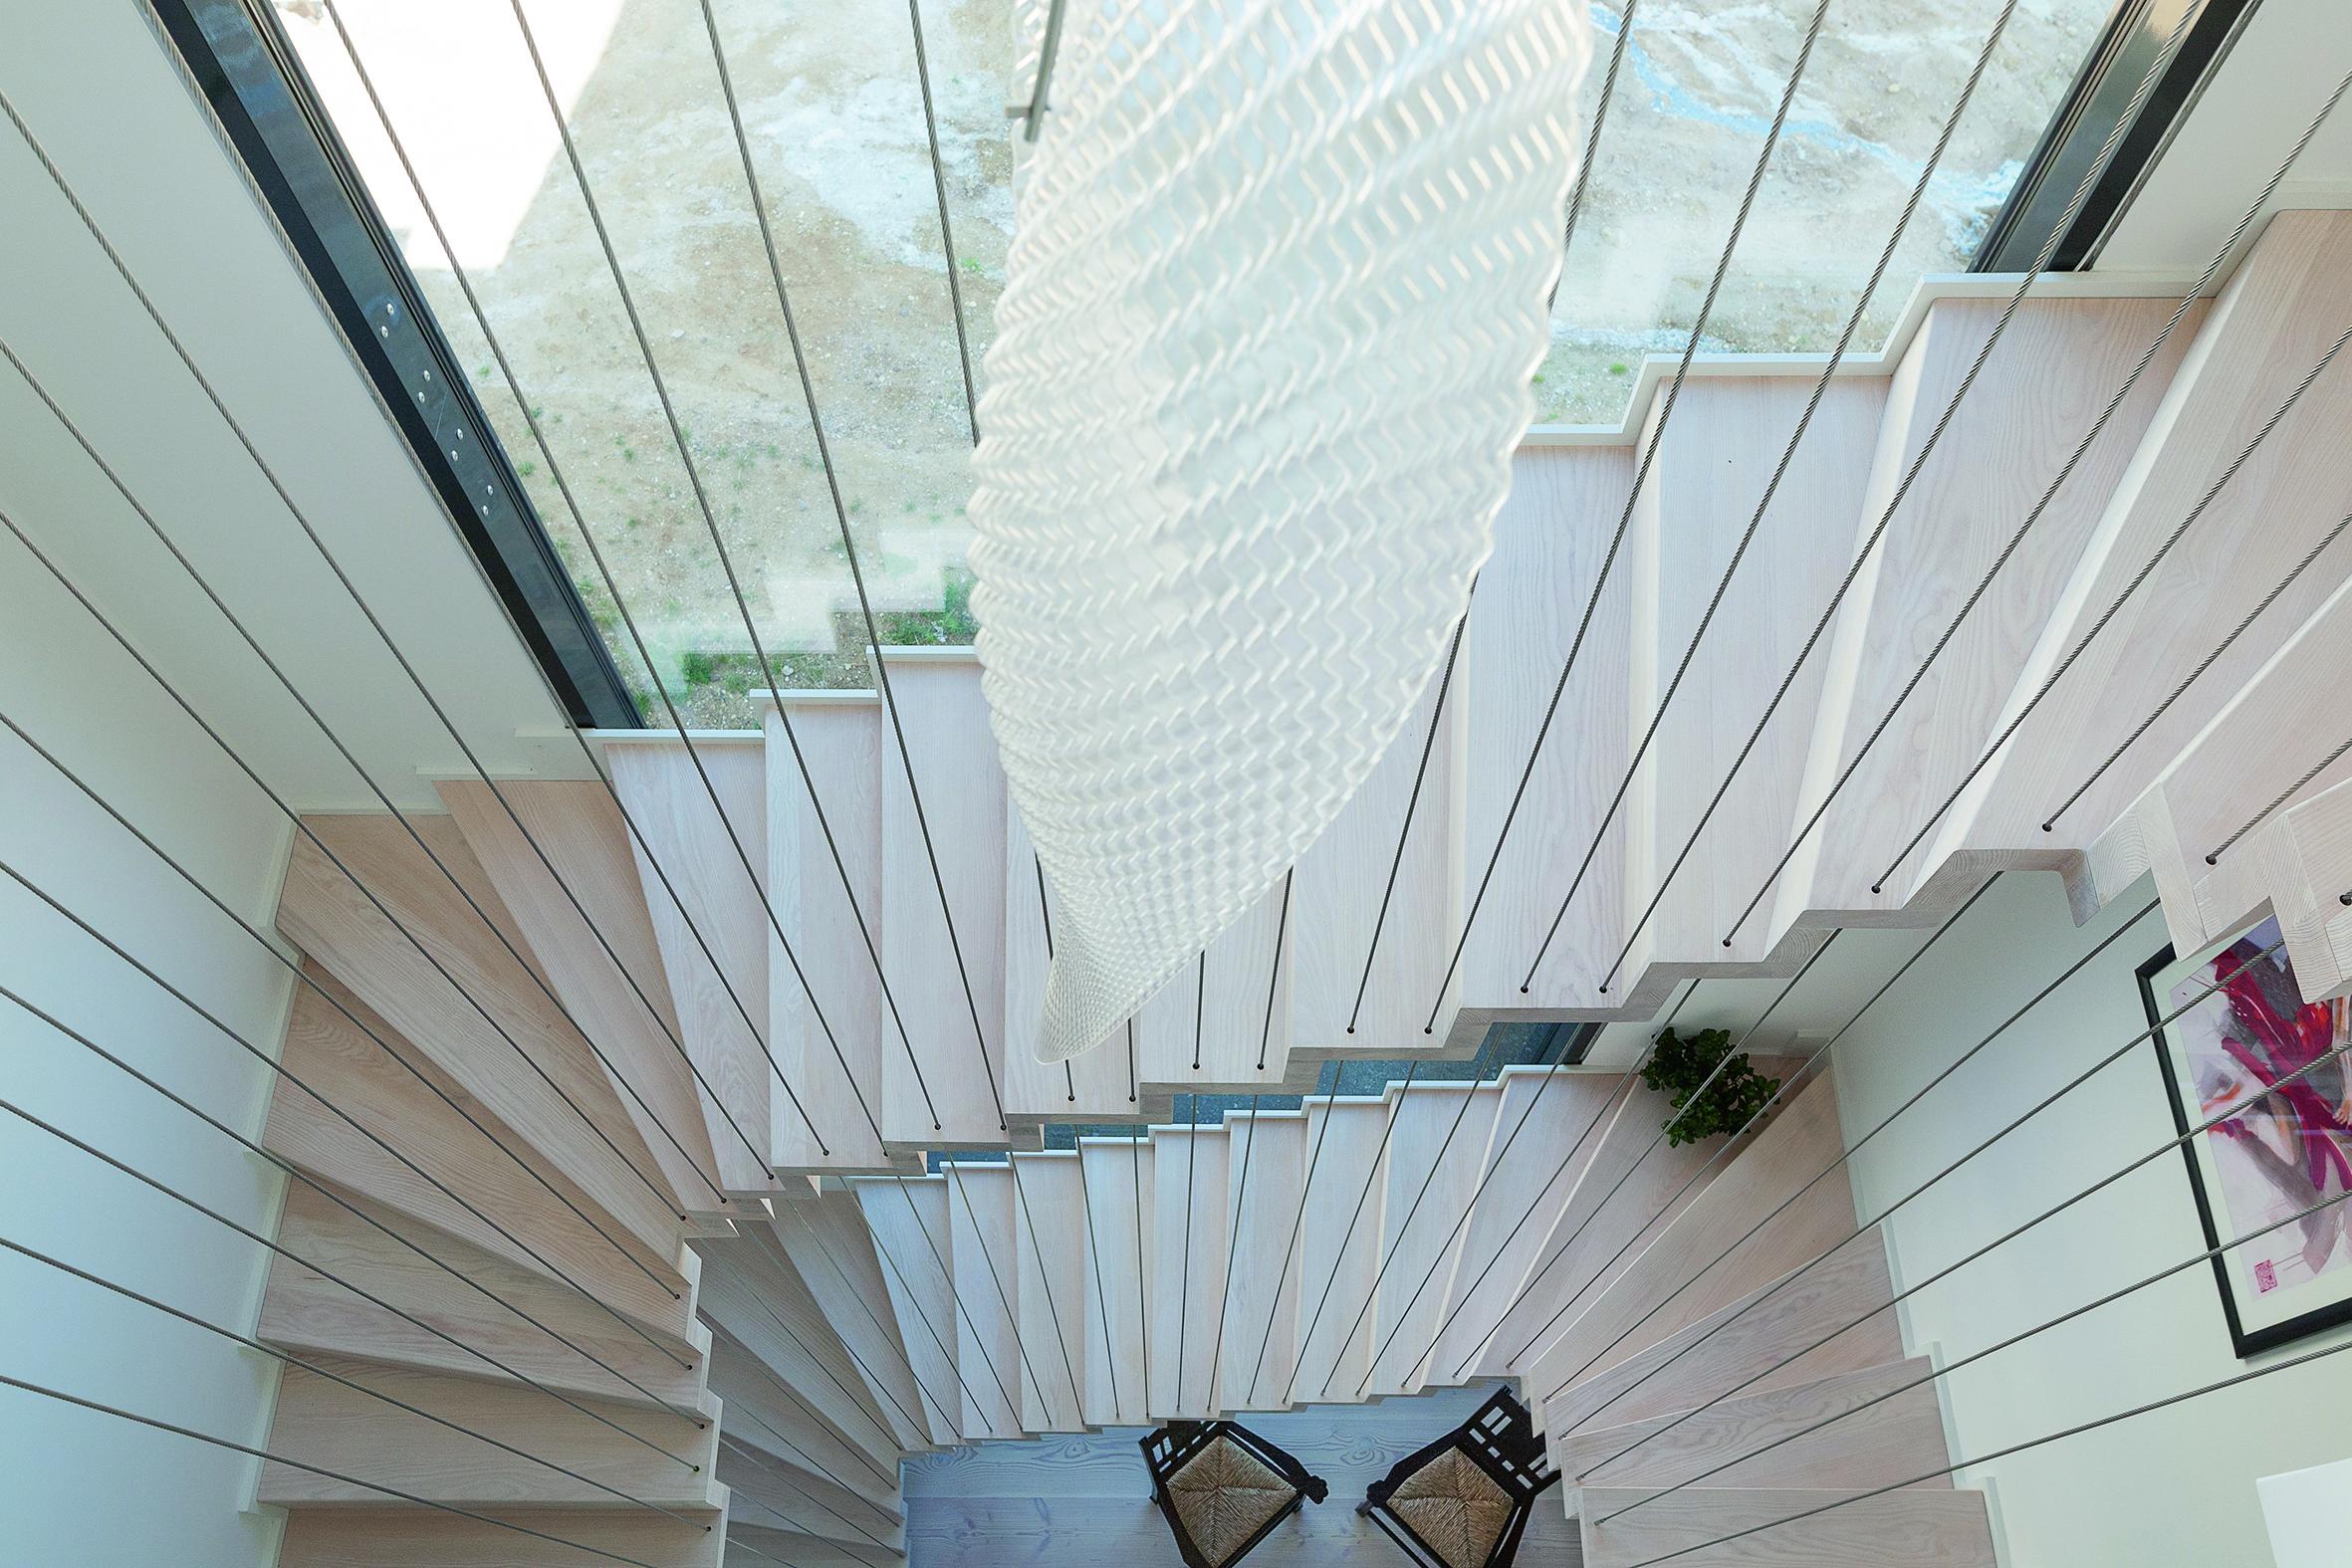 Die durchgehende Verglasung über alle Etagen lässt viel Licht ins Innere